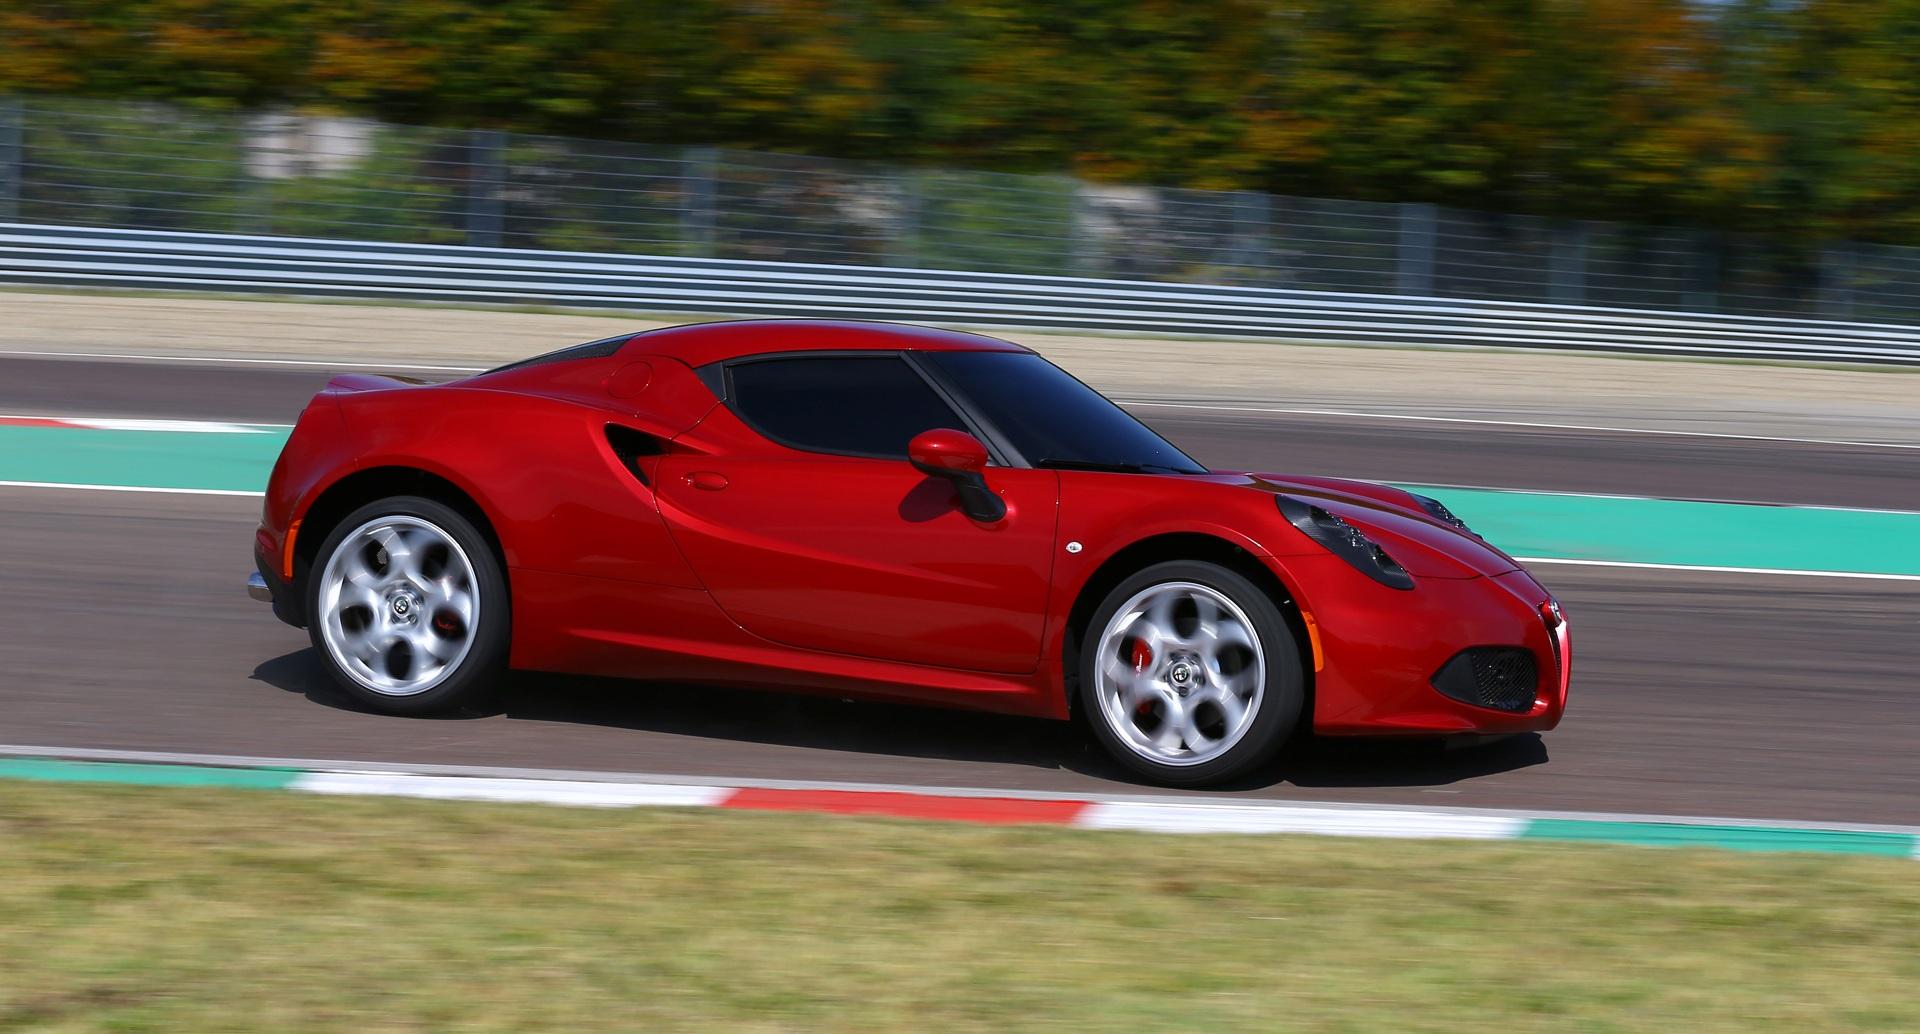 2014 Alfa Romeo 4C Circuit Test